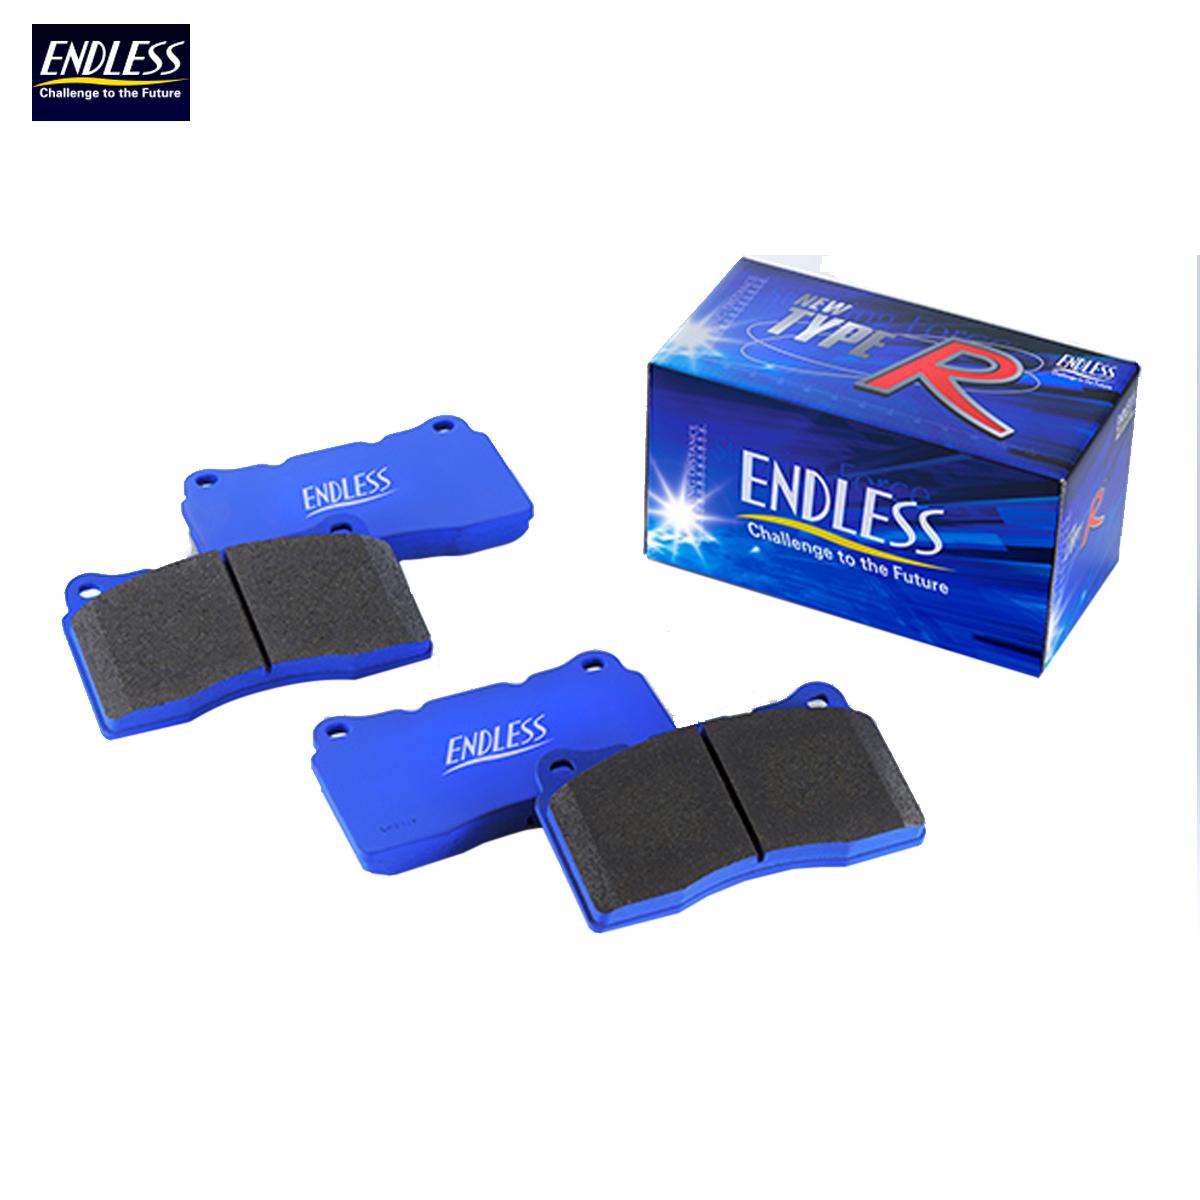 ENDLESS エンドレス ブレーキパッド タイプR フロント EP380 アレックス ZZE123 4輪ディスク